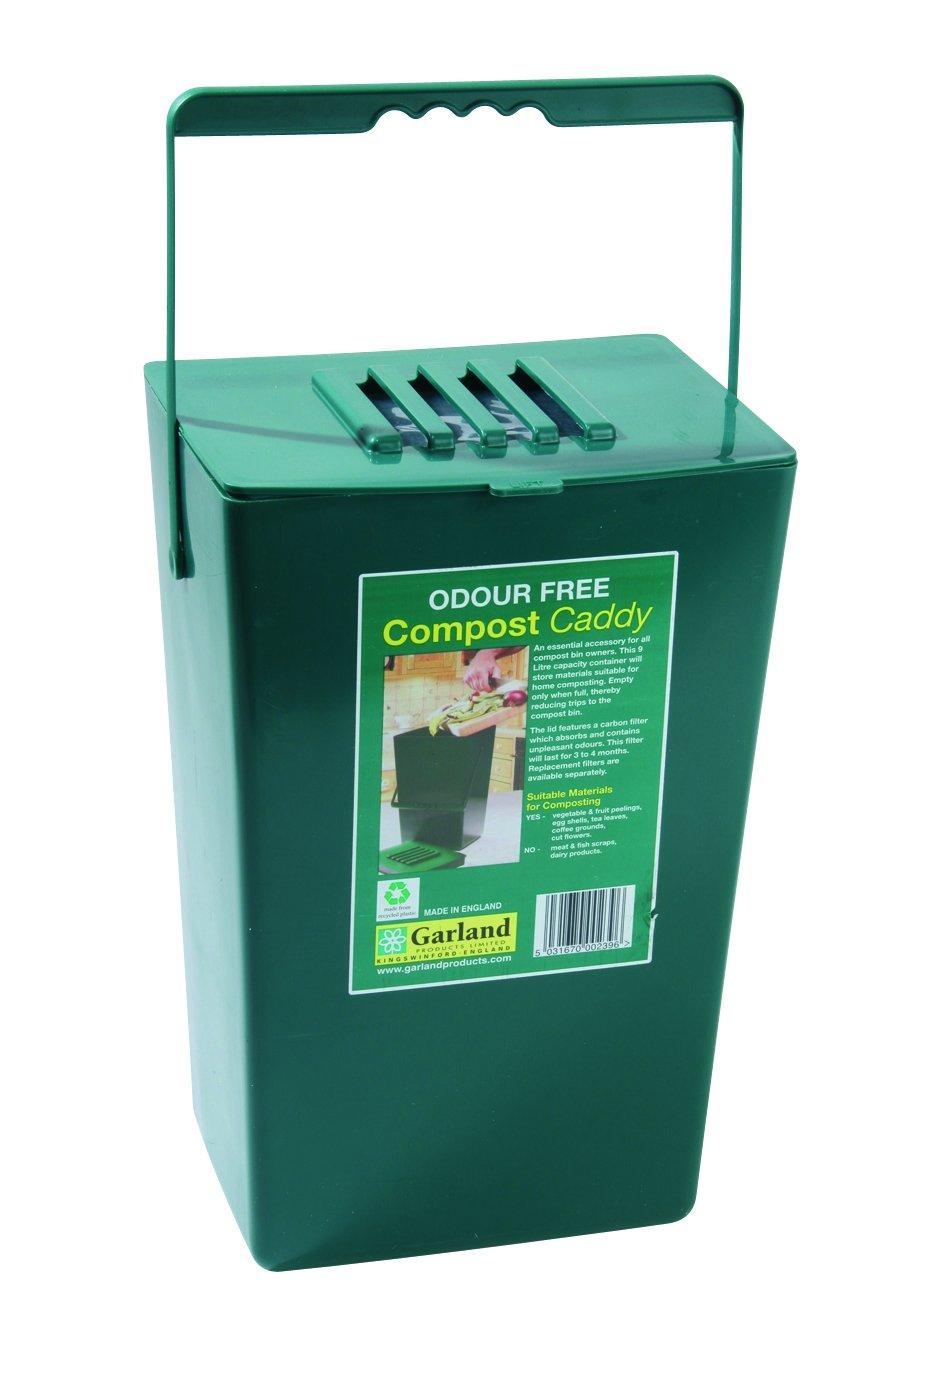 Tierra Garden GP98 Odor Free Compost Caddy